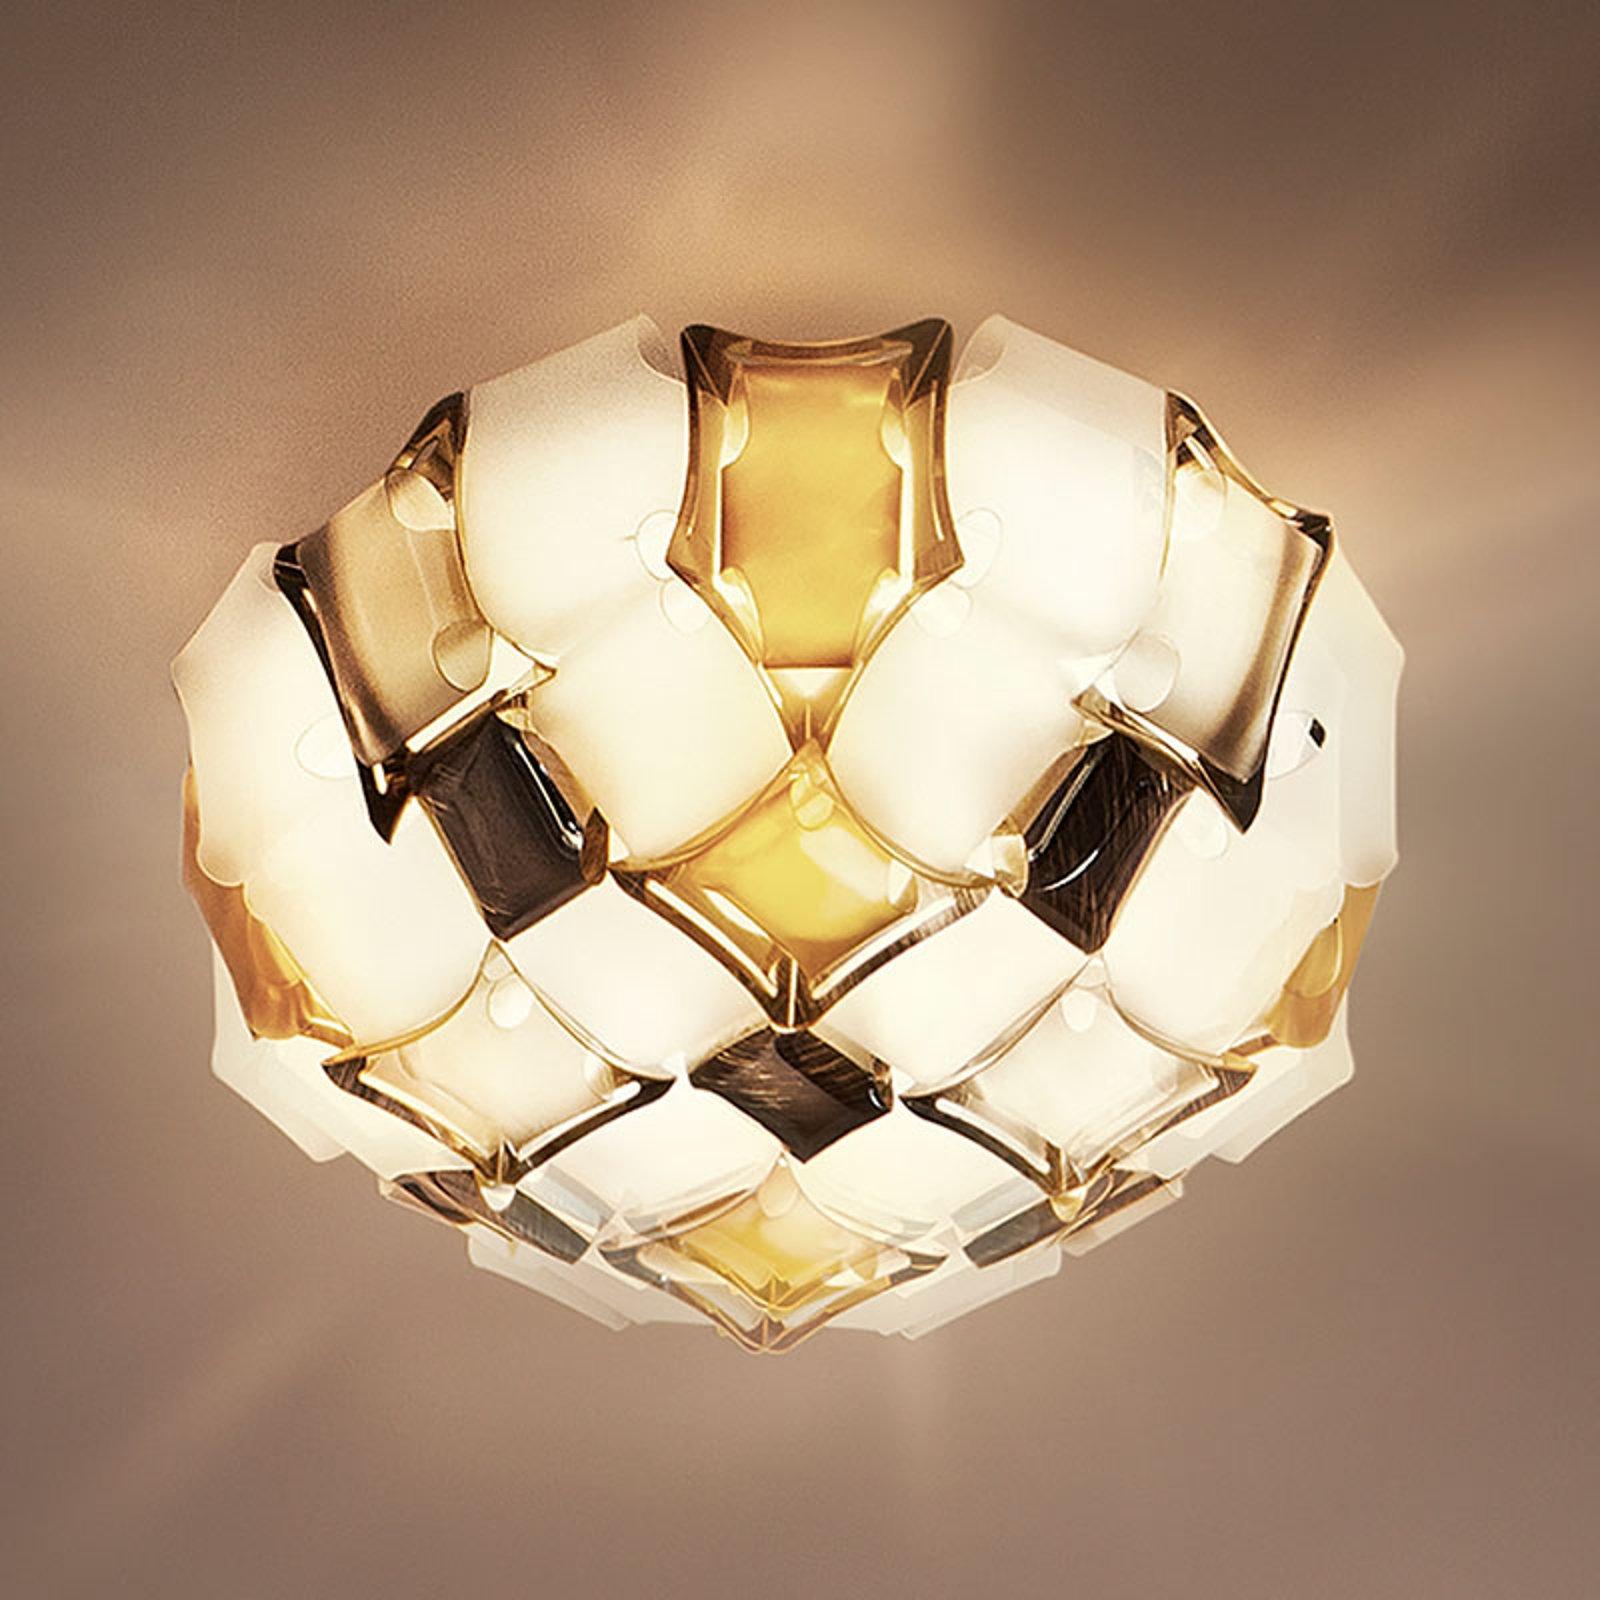 Slamp Mida taklampe, Ø 67 cm, rav/hvit